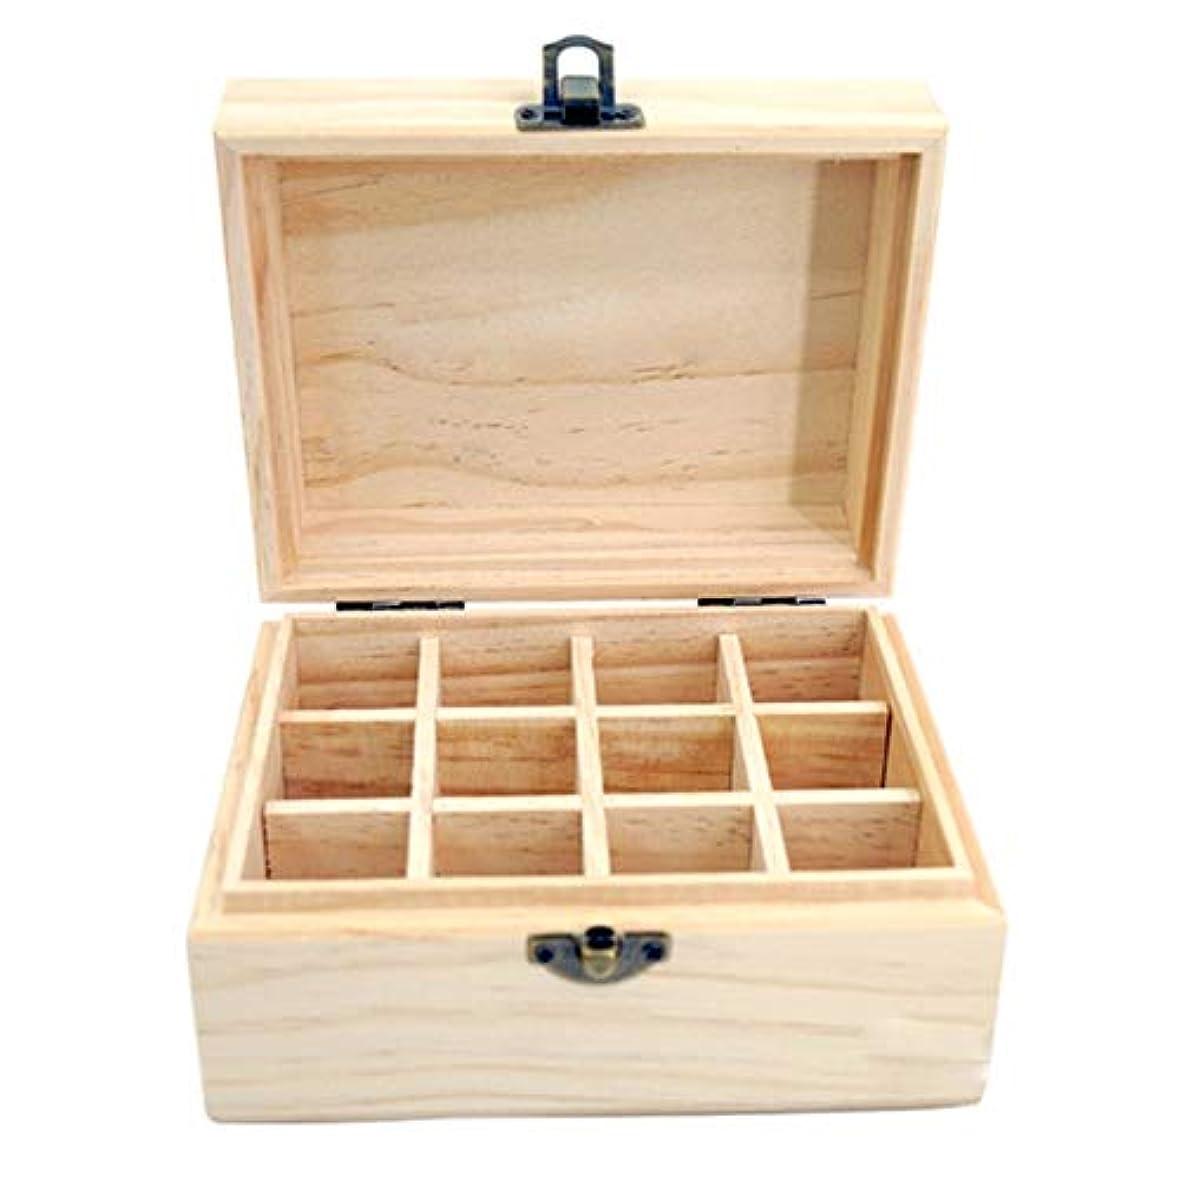 マルコポーロ計算可能セーブ12スロットエッセンシャルオイル木箱の収納ケースは、あなたの油安全保護さを保つ保護します アロマセラピー製品 (色 : Natural, サイズ : 15X11.5X8CM)